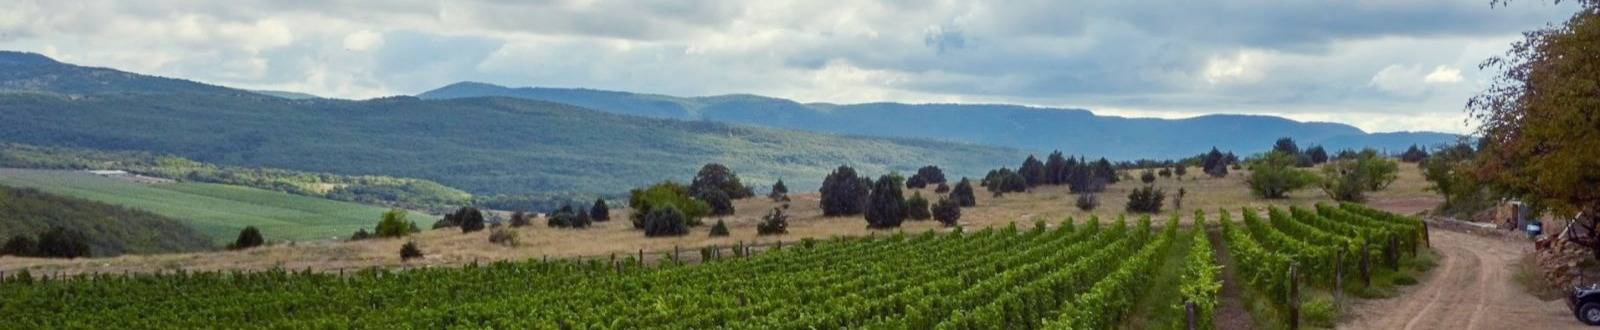 Виноградники Uppa